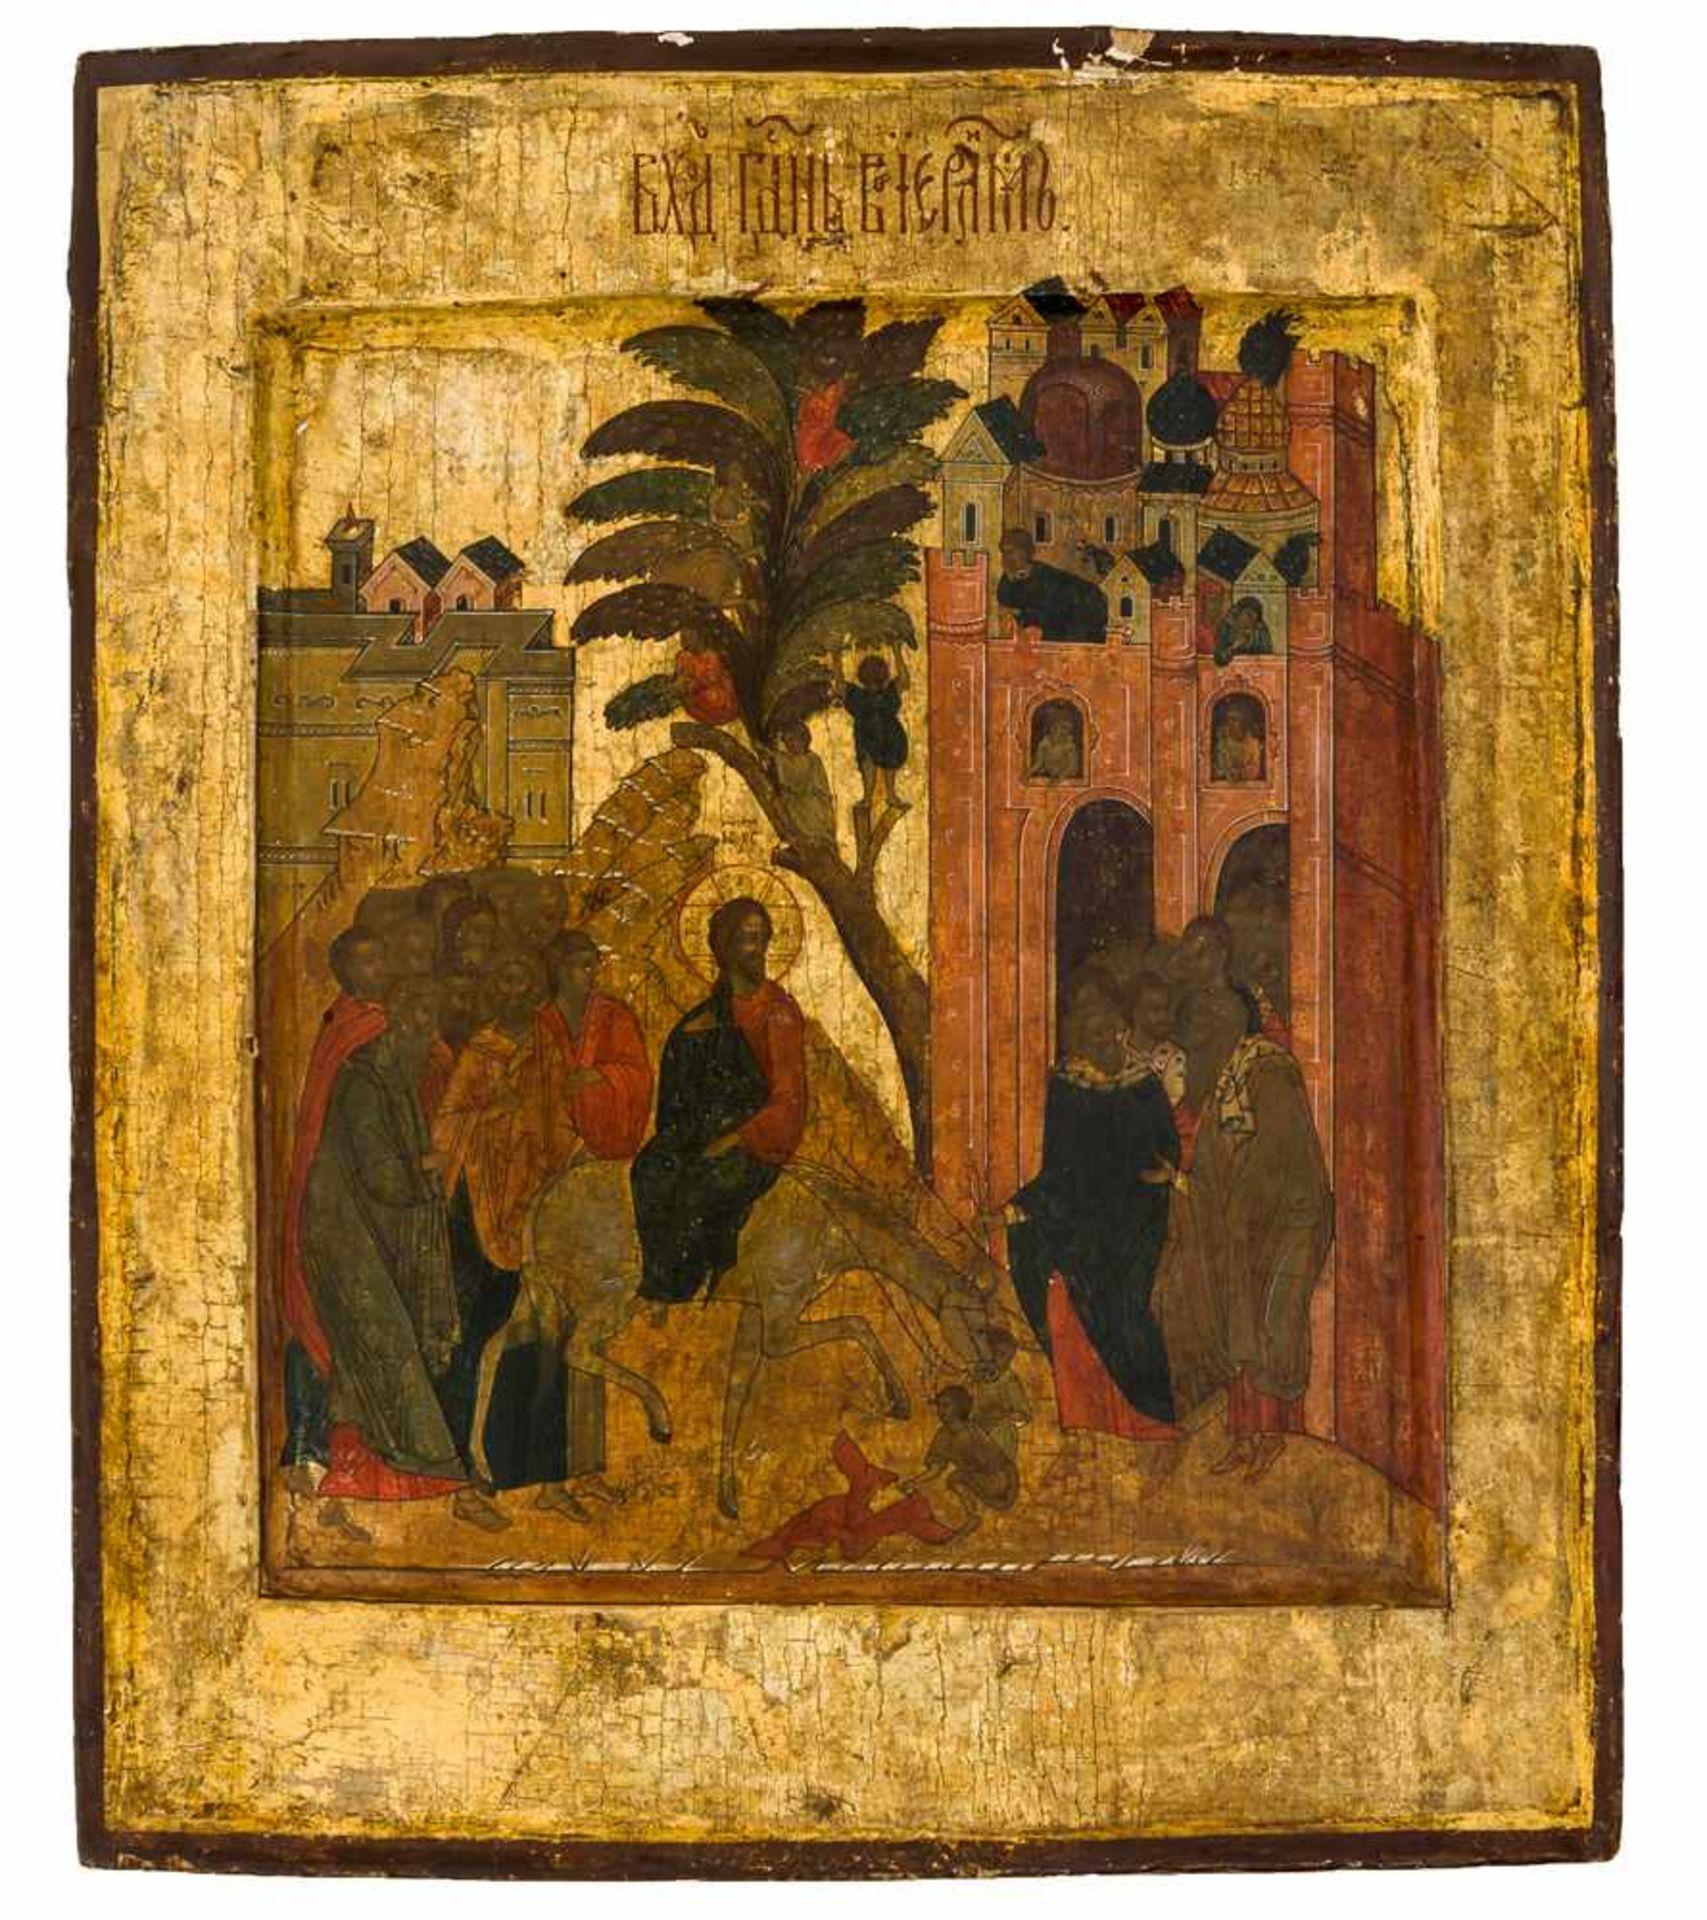 *Einzug Jesu in Jerusalem Russische Ikone, 19. Jh. 31 x 26 cm Provenienz: Belgische Privatsammlung